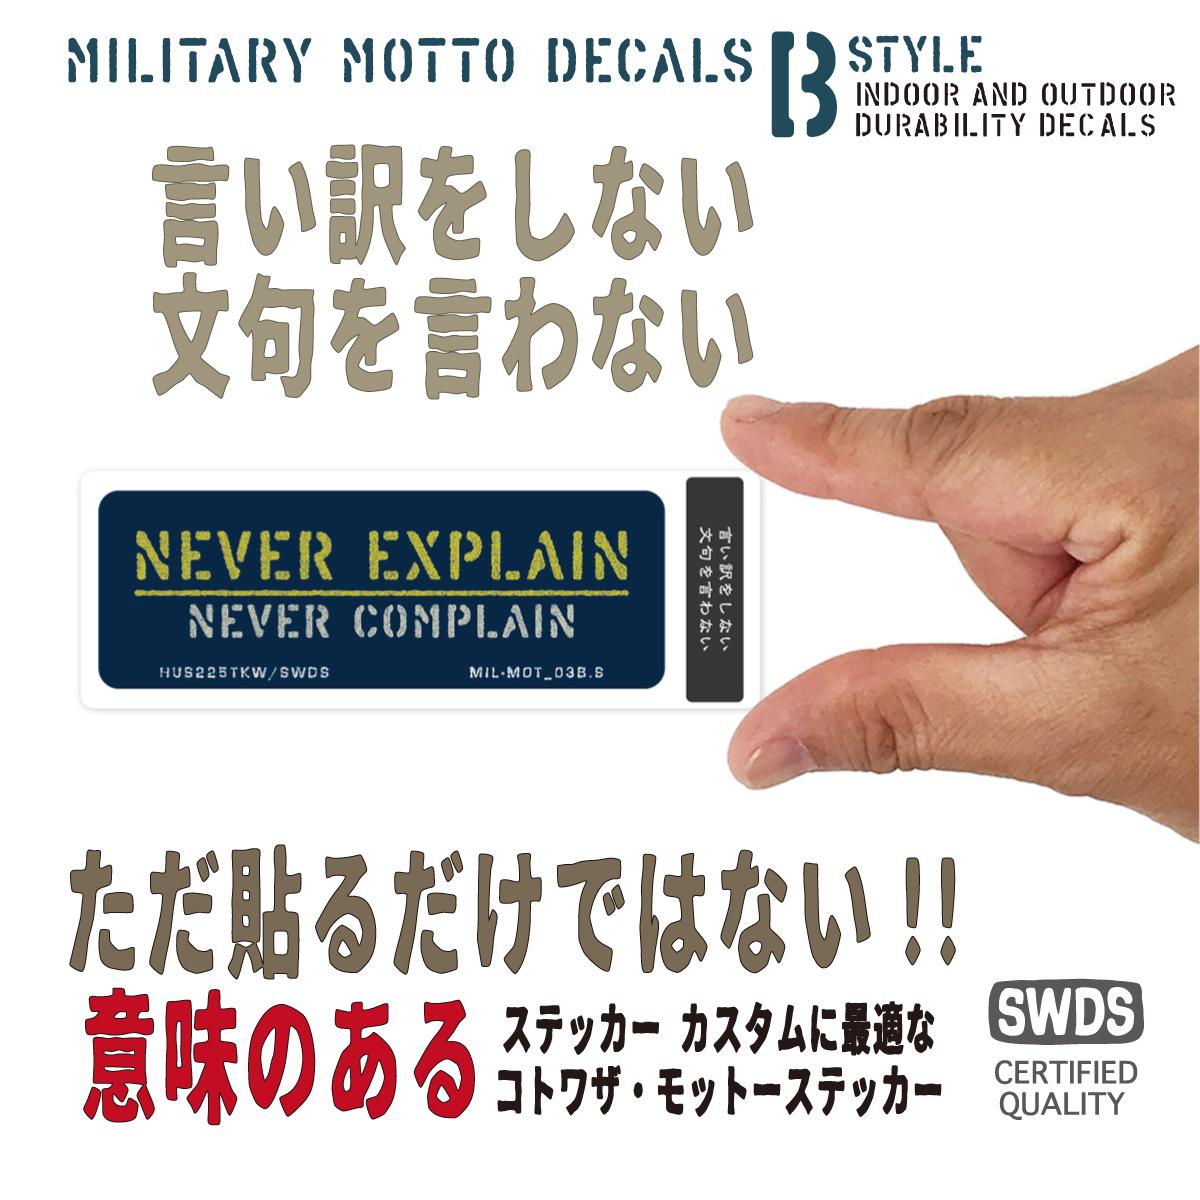 MIL-MOTB-S-003S